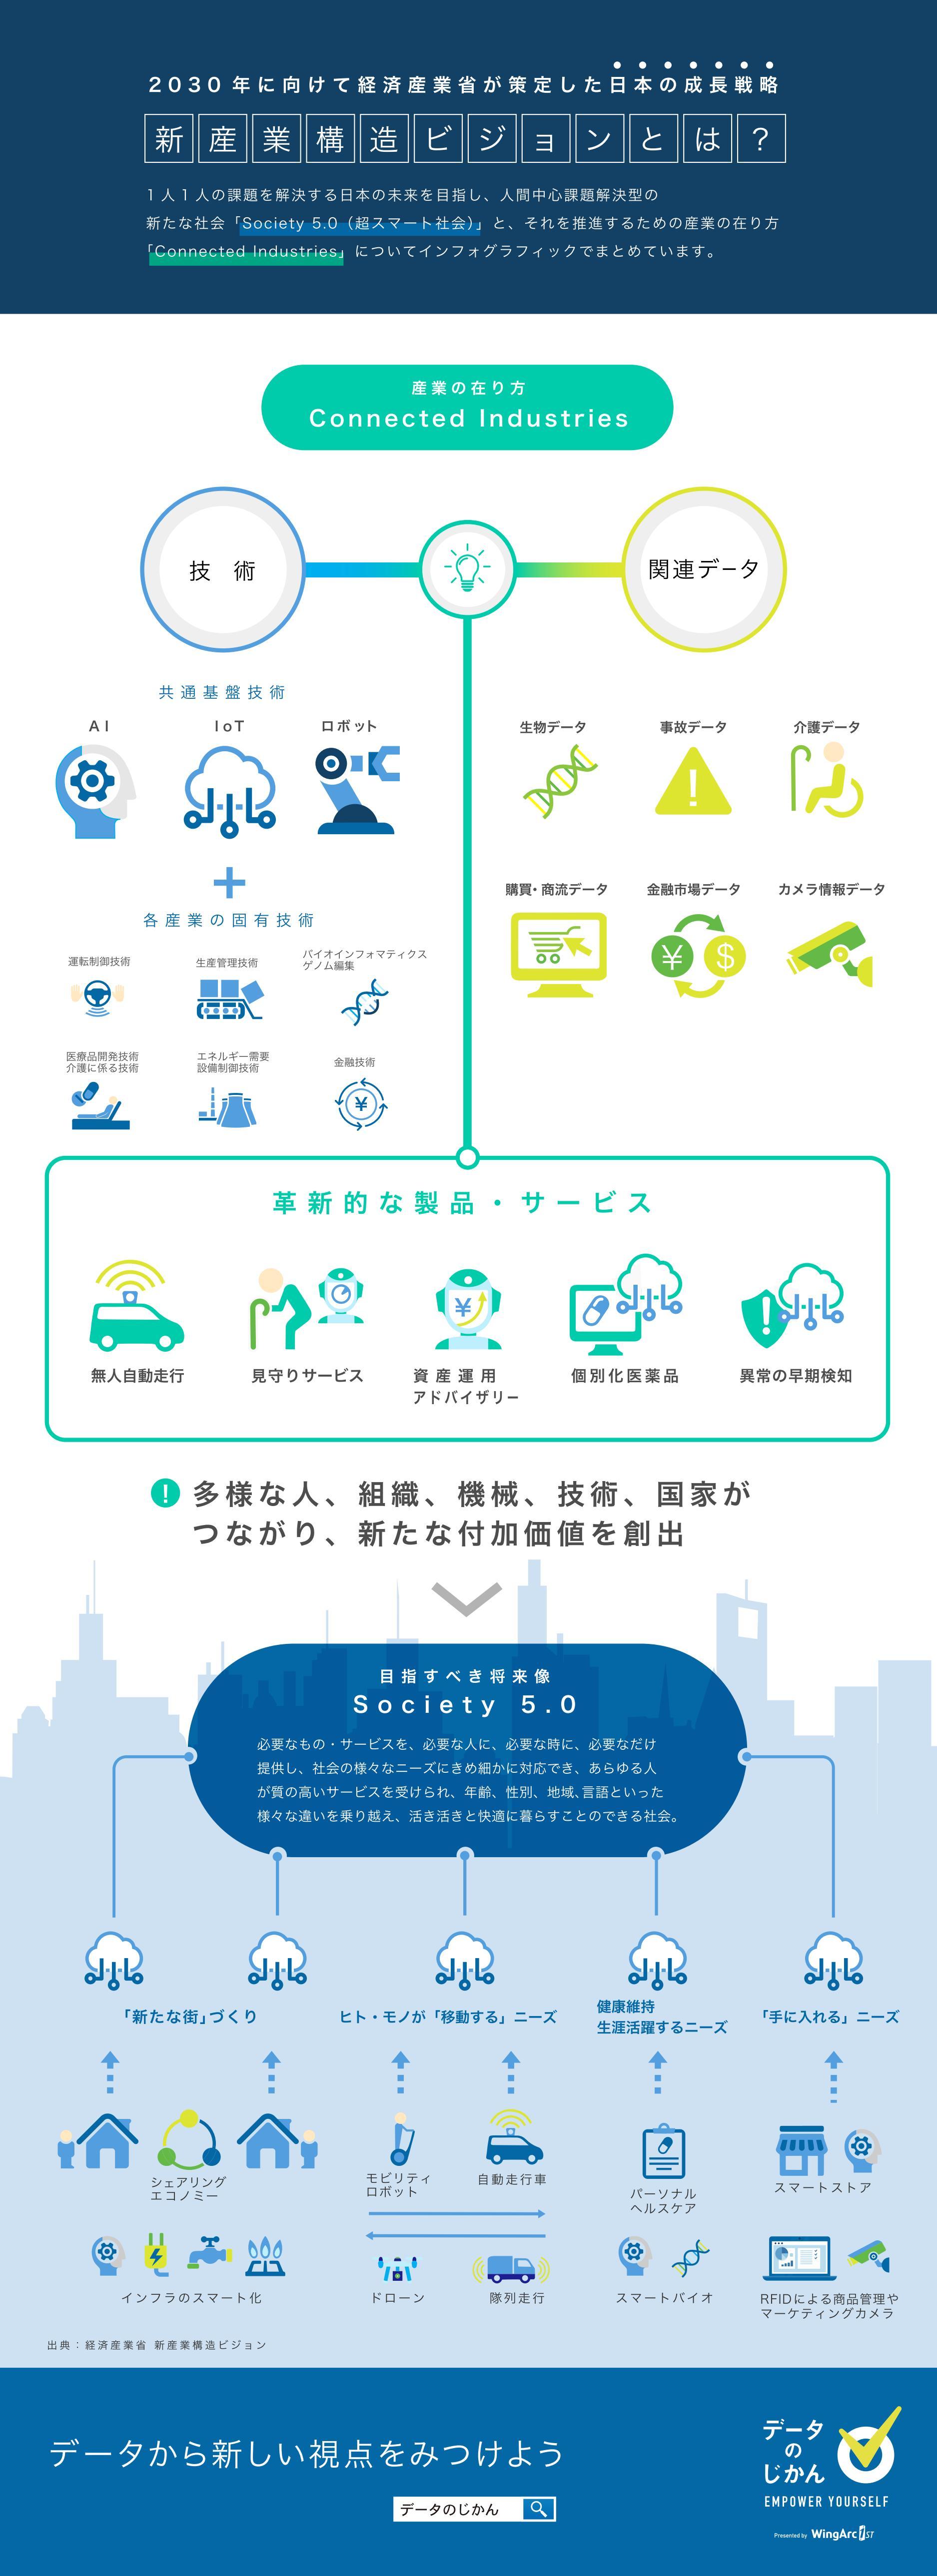 2030年に向けて経済産業省が策定した日本の成長戦略 新産業構造ビジョンとは?